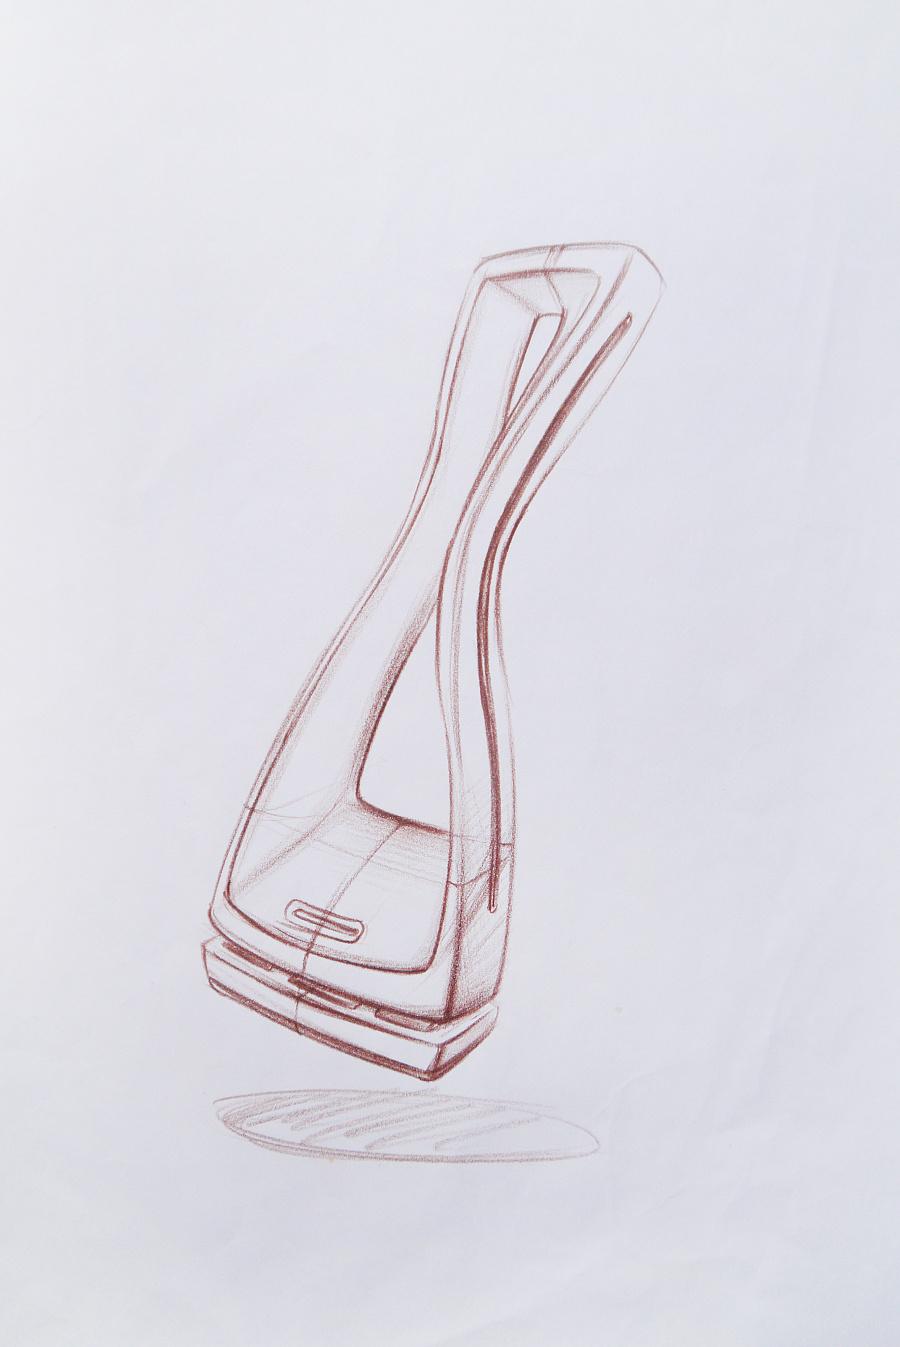 【设计手绘】彩铅手绘效果图|电